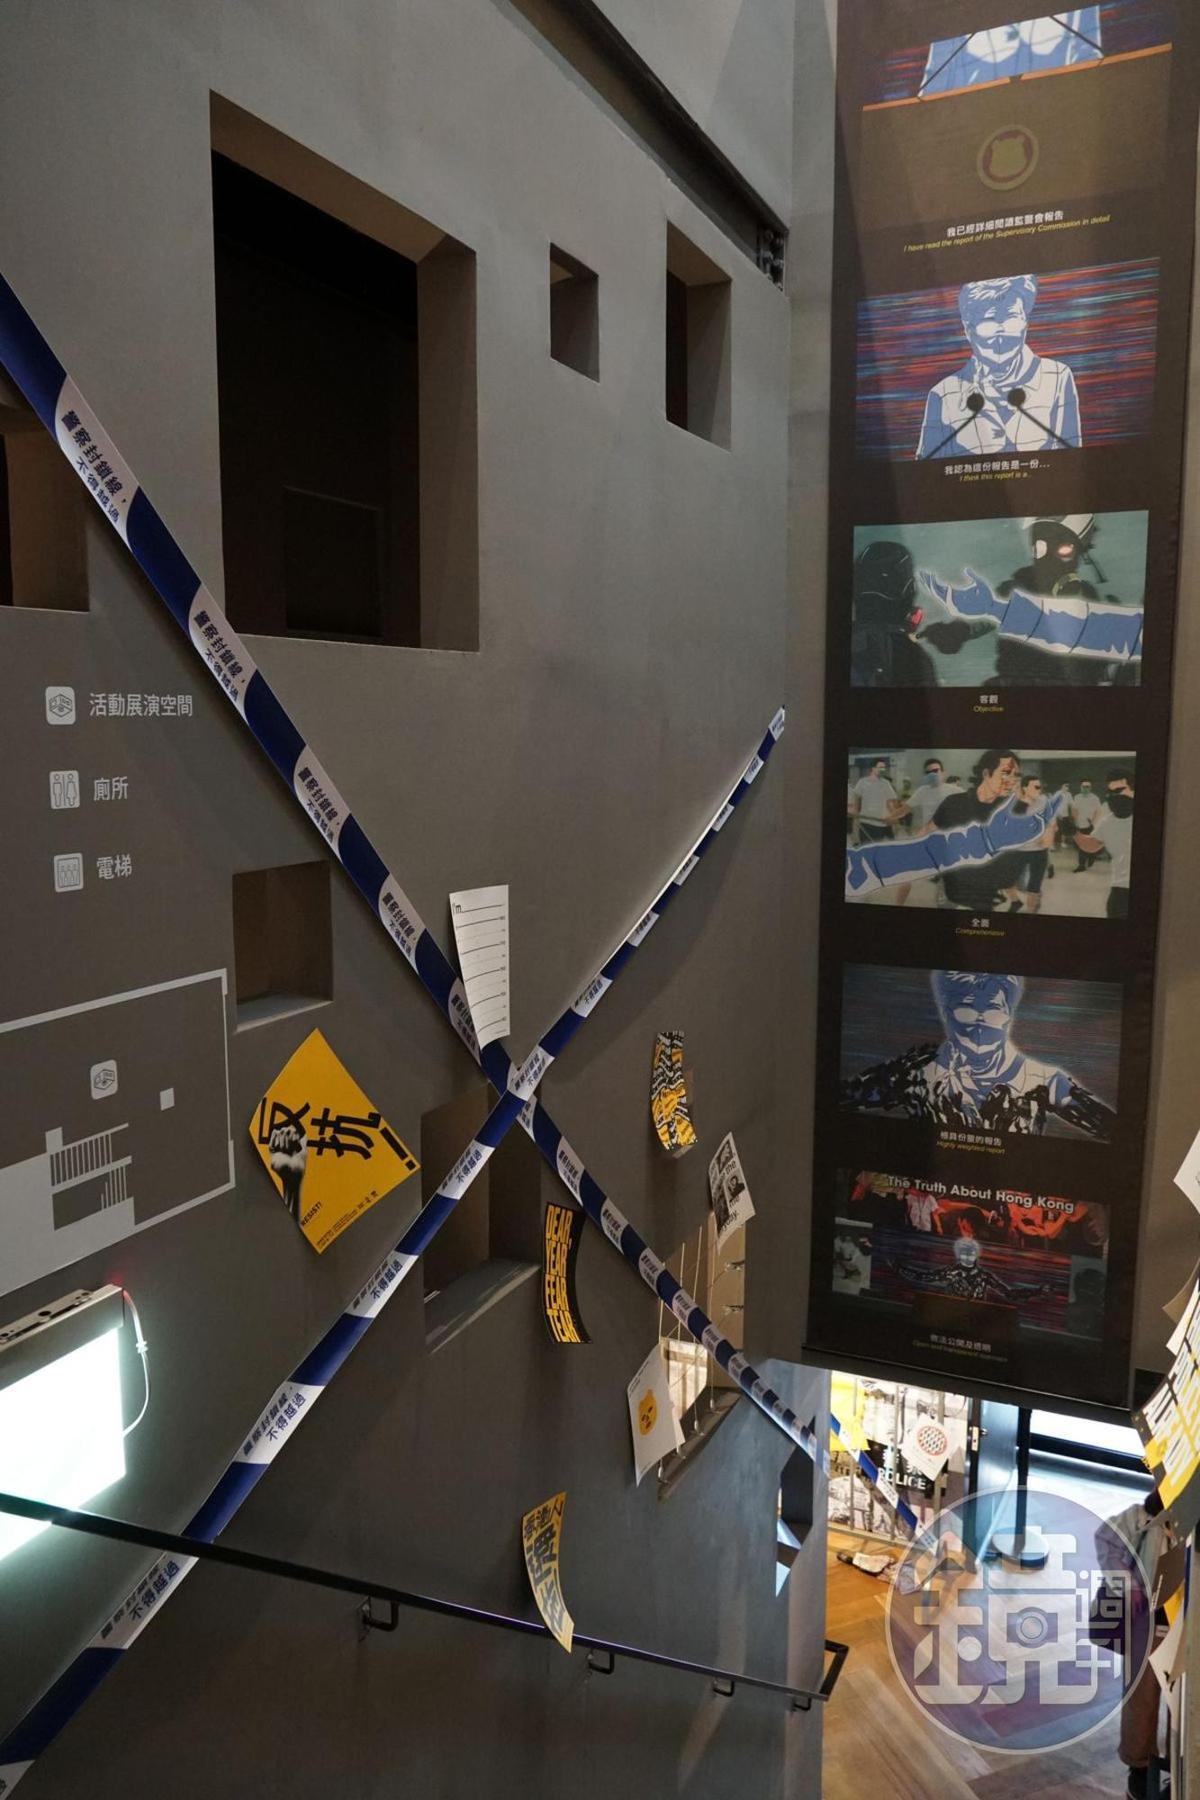 從二樓到三樓的樓梯空間,也布置了展出作品。